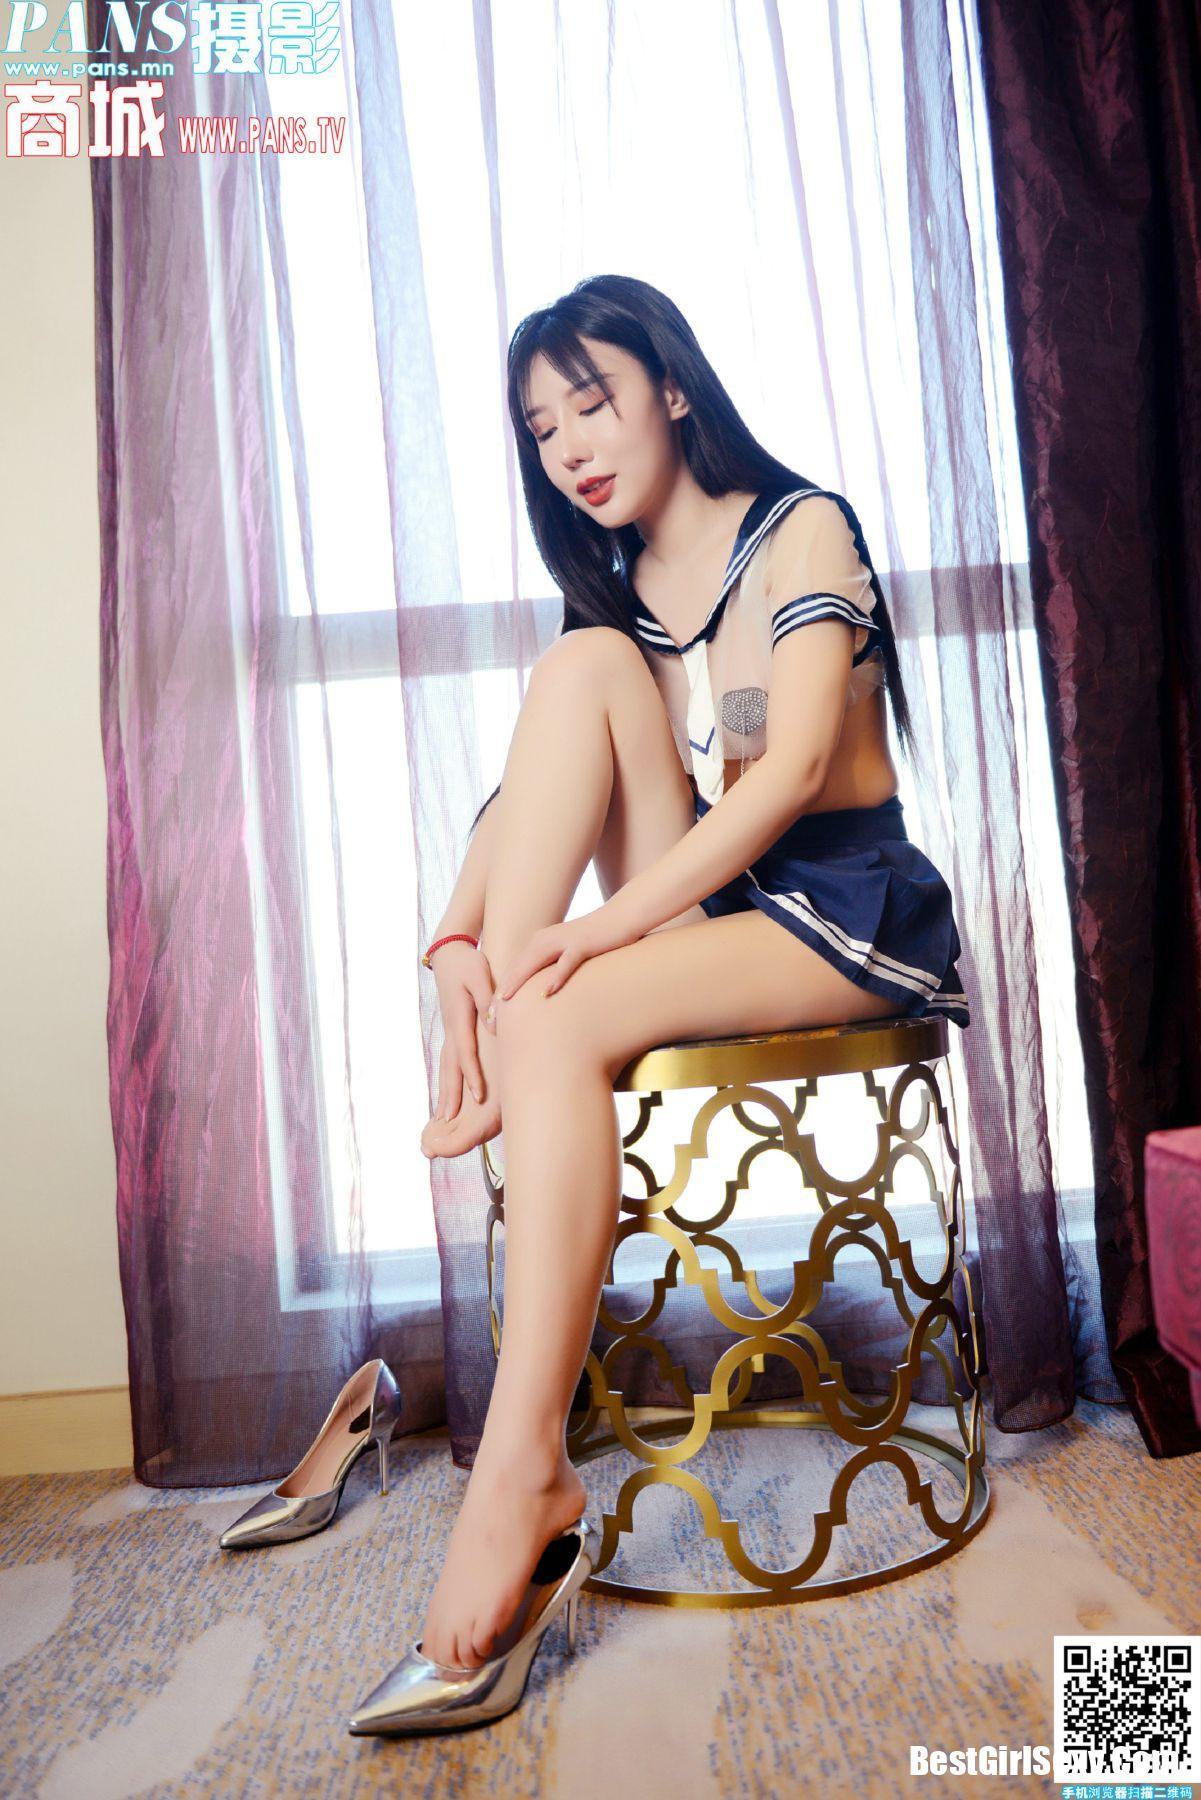 陈梦, PANS写真 No.1324 Chen Meng, PANS写真 No.1324, Chen Meng